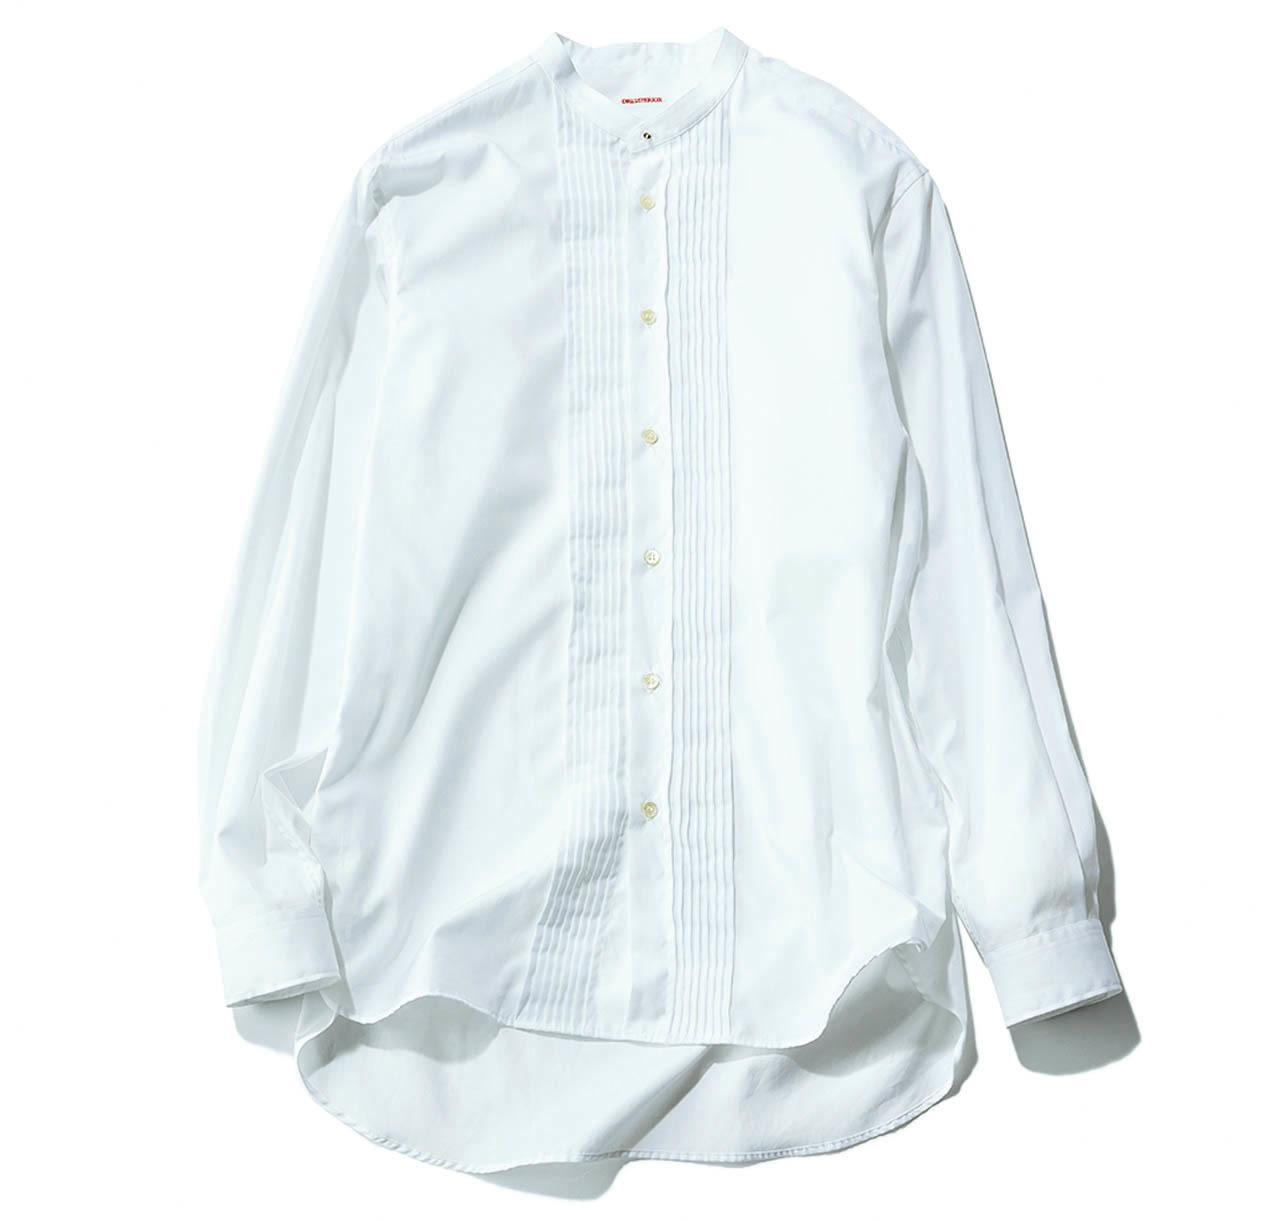 ドレステリアのバンドカラー シャツ